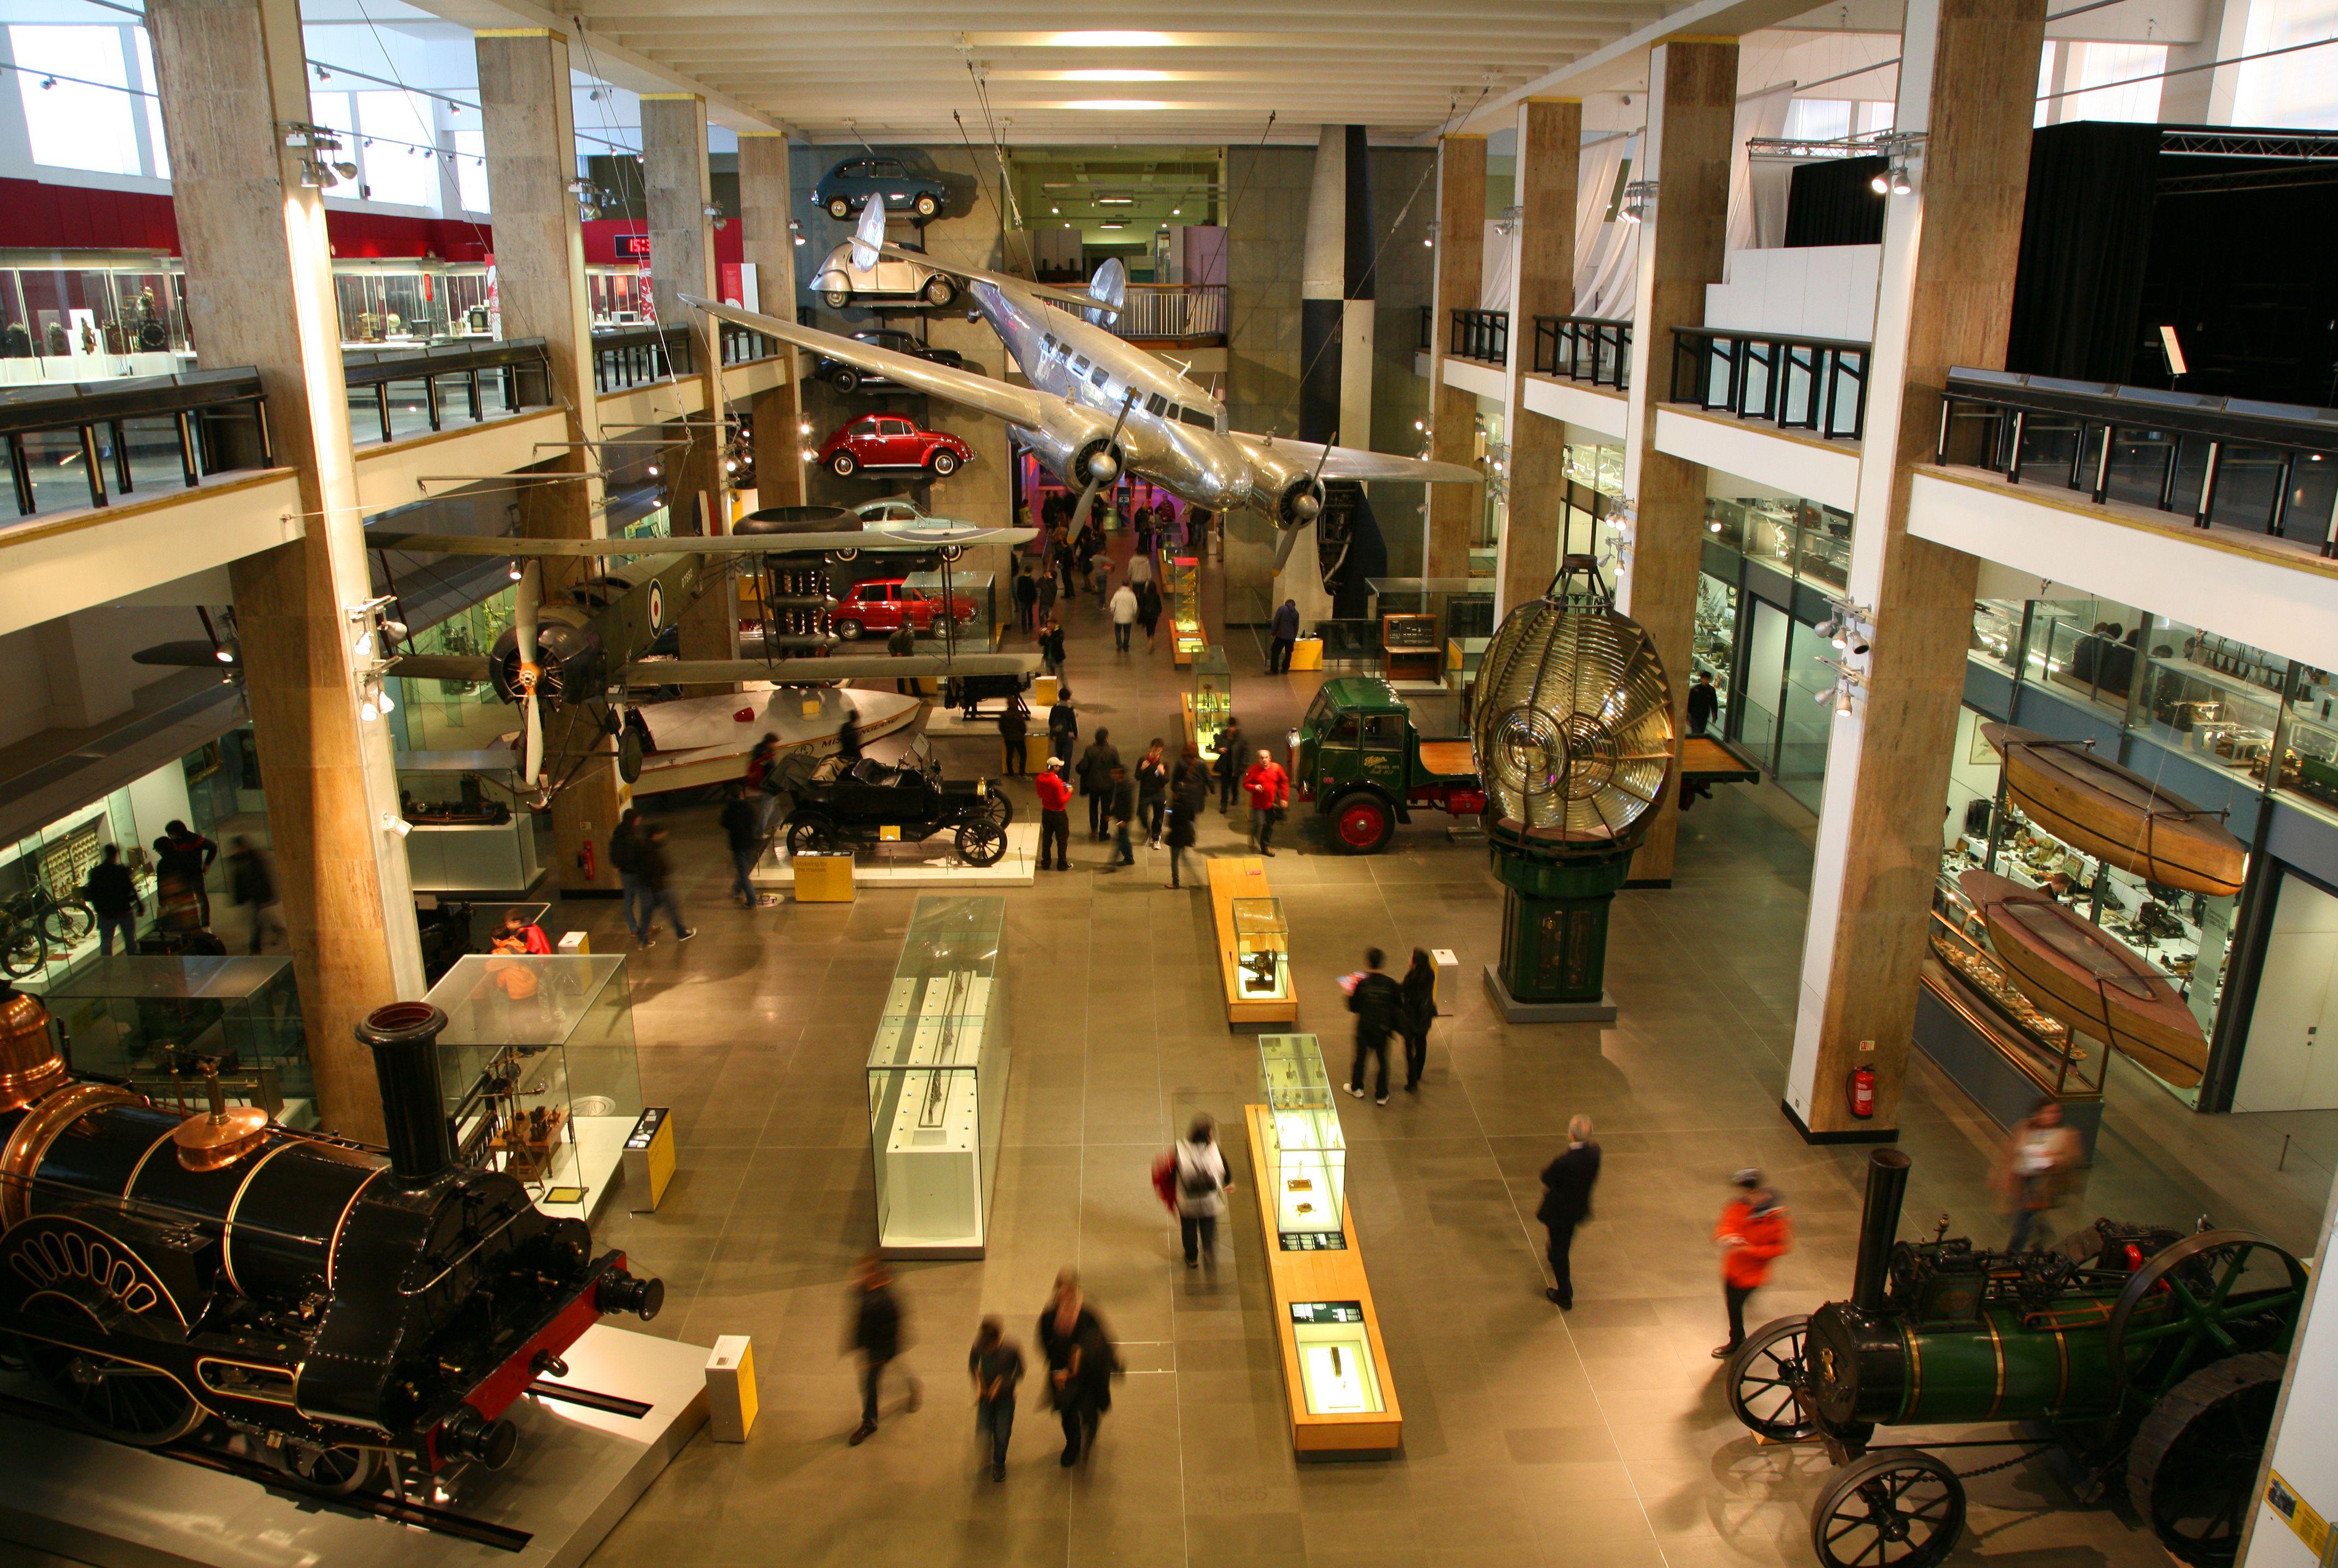 Das Londoner Science Museum